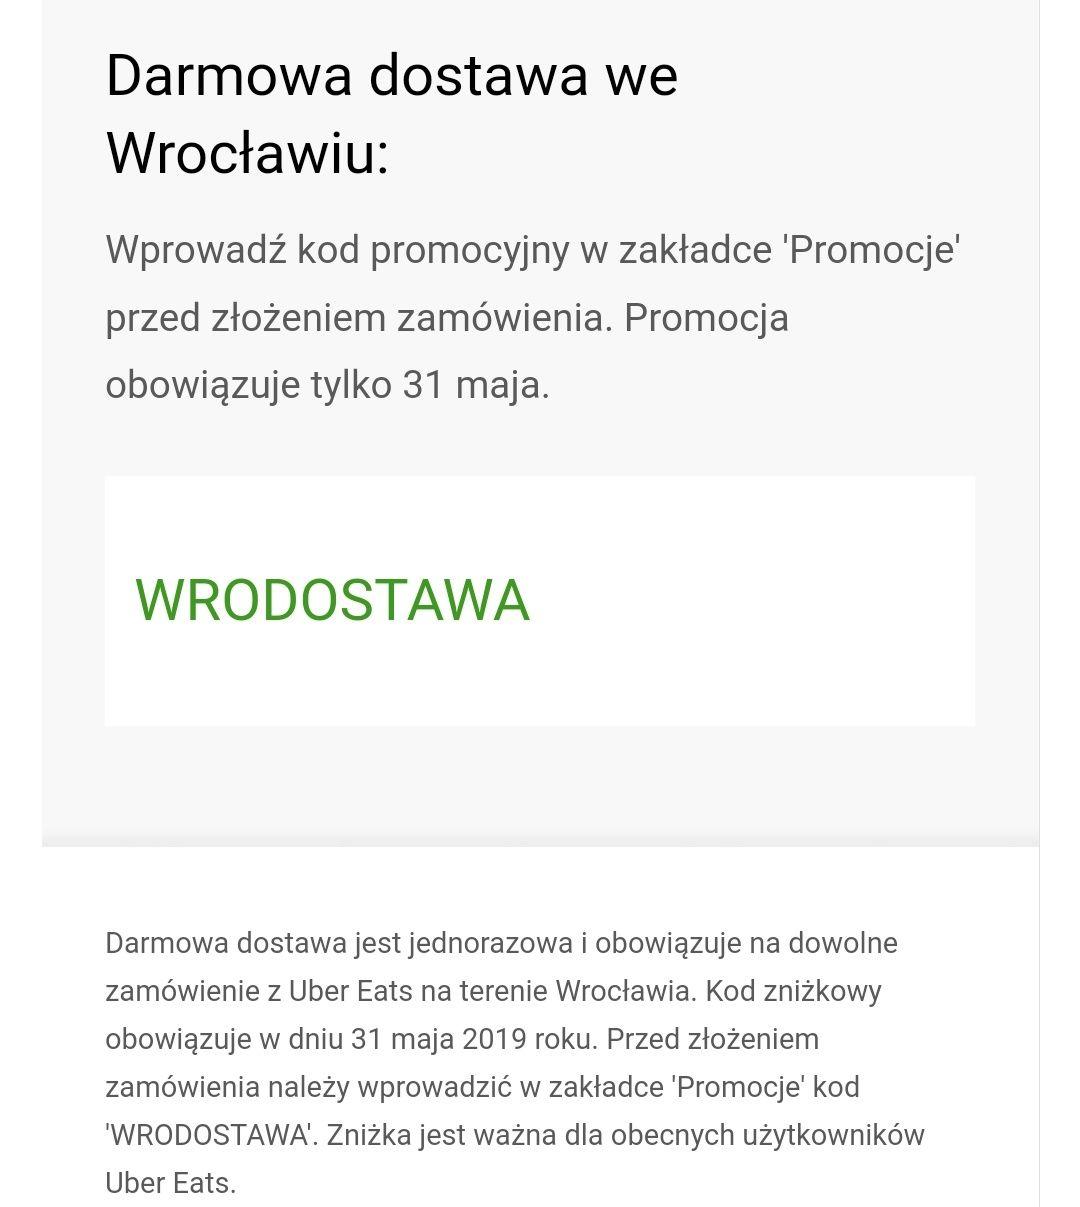 Darmowa dostawa na terenie Wrocławia Uber Eats (tylko dziś tj. 31.05)